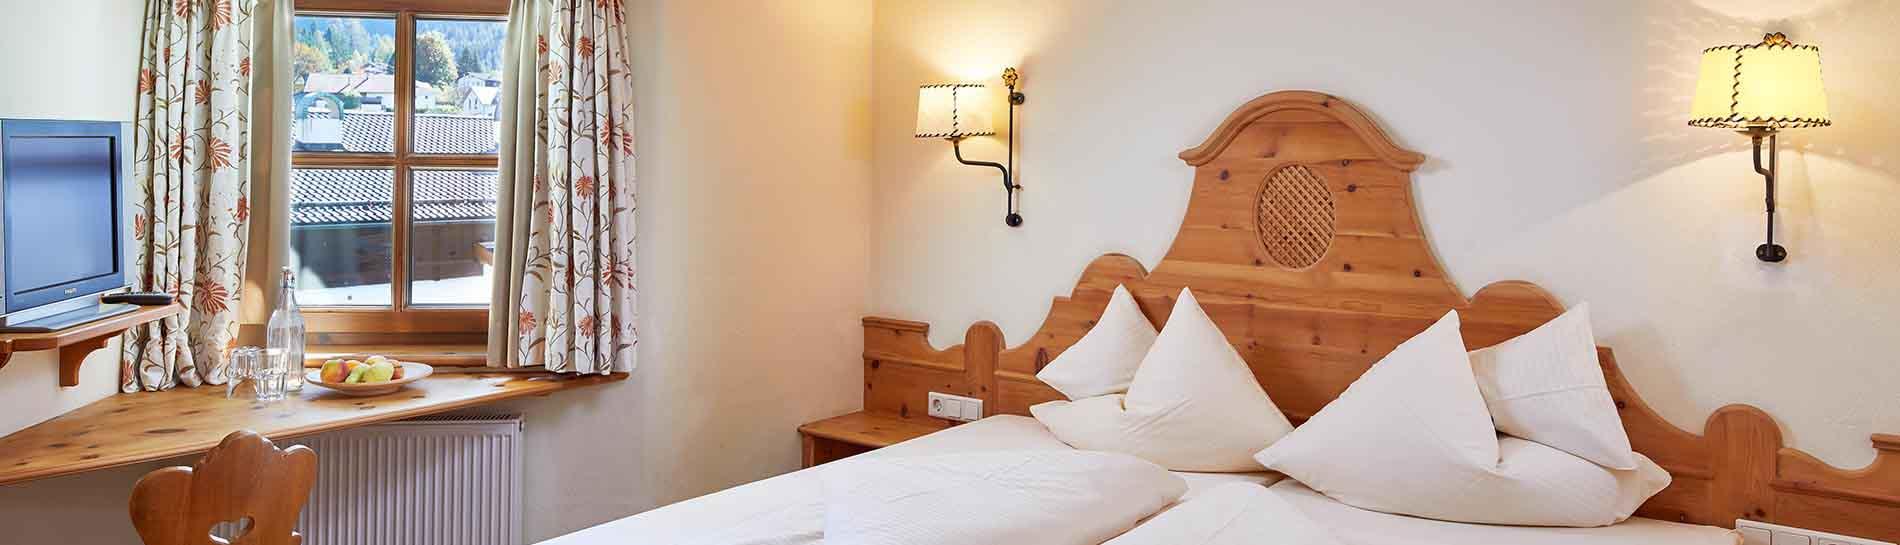 Hotel Tirolerhof Ehrwald village Zugspitzarena Tyrol Austria